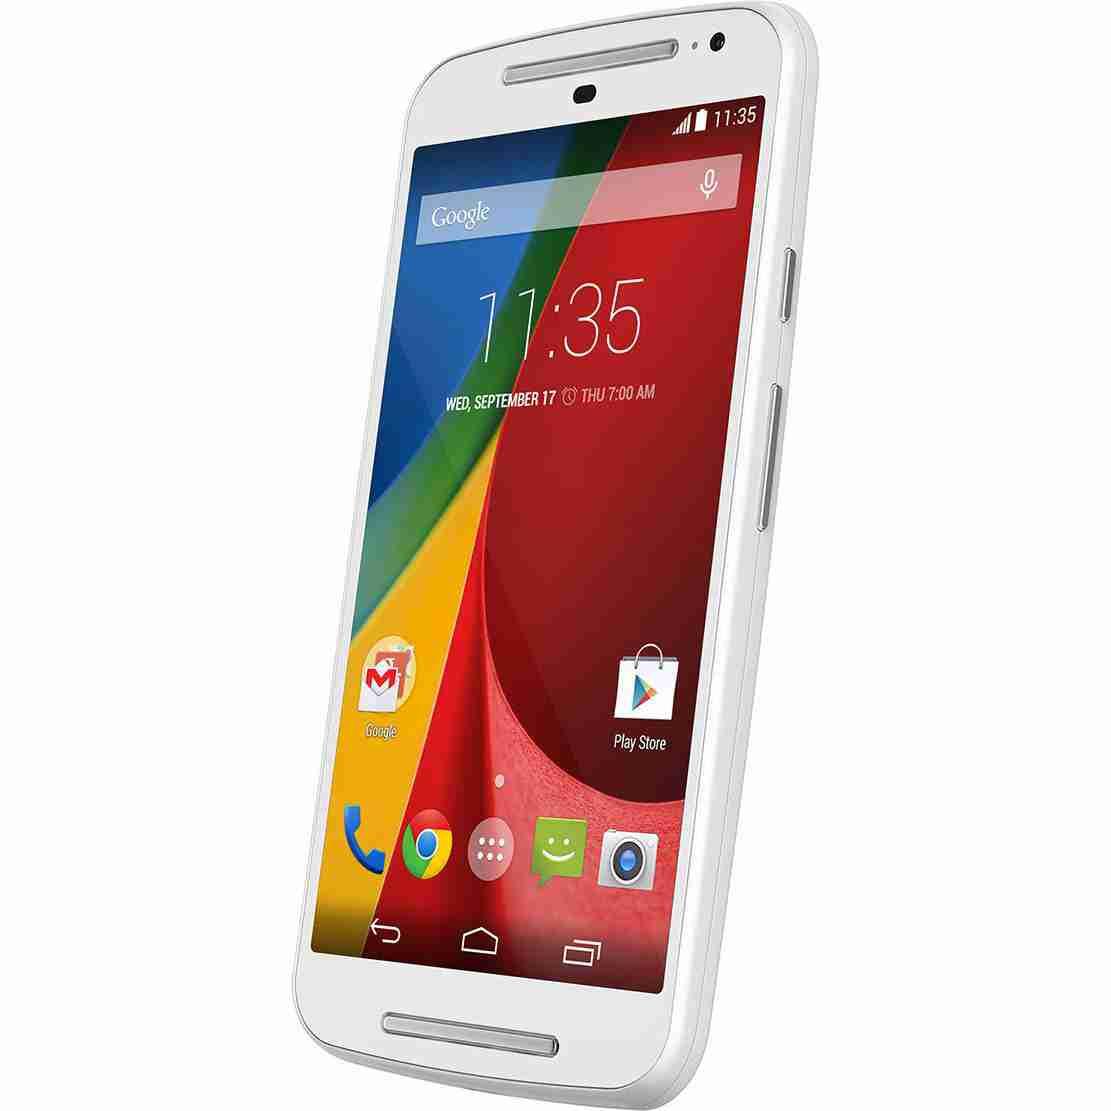 白ロム 中古 SIMフリー Motorola XT1063 ホワイト 本体のみ [Cランク]